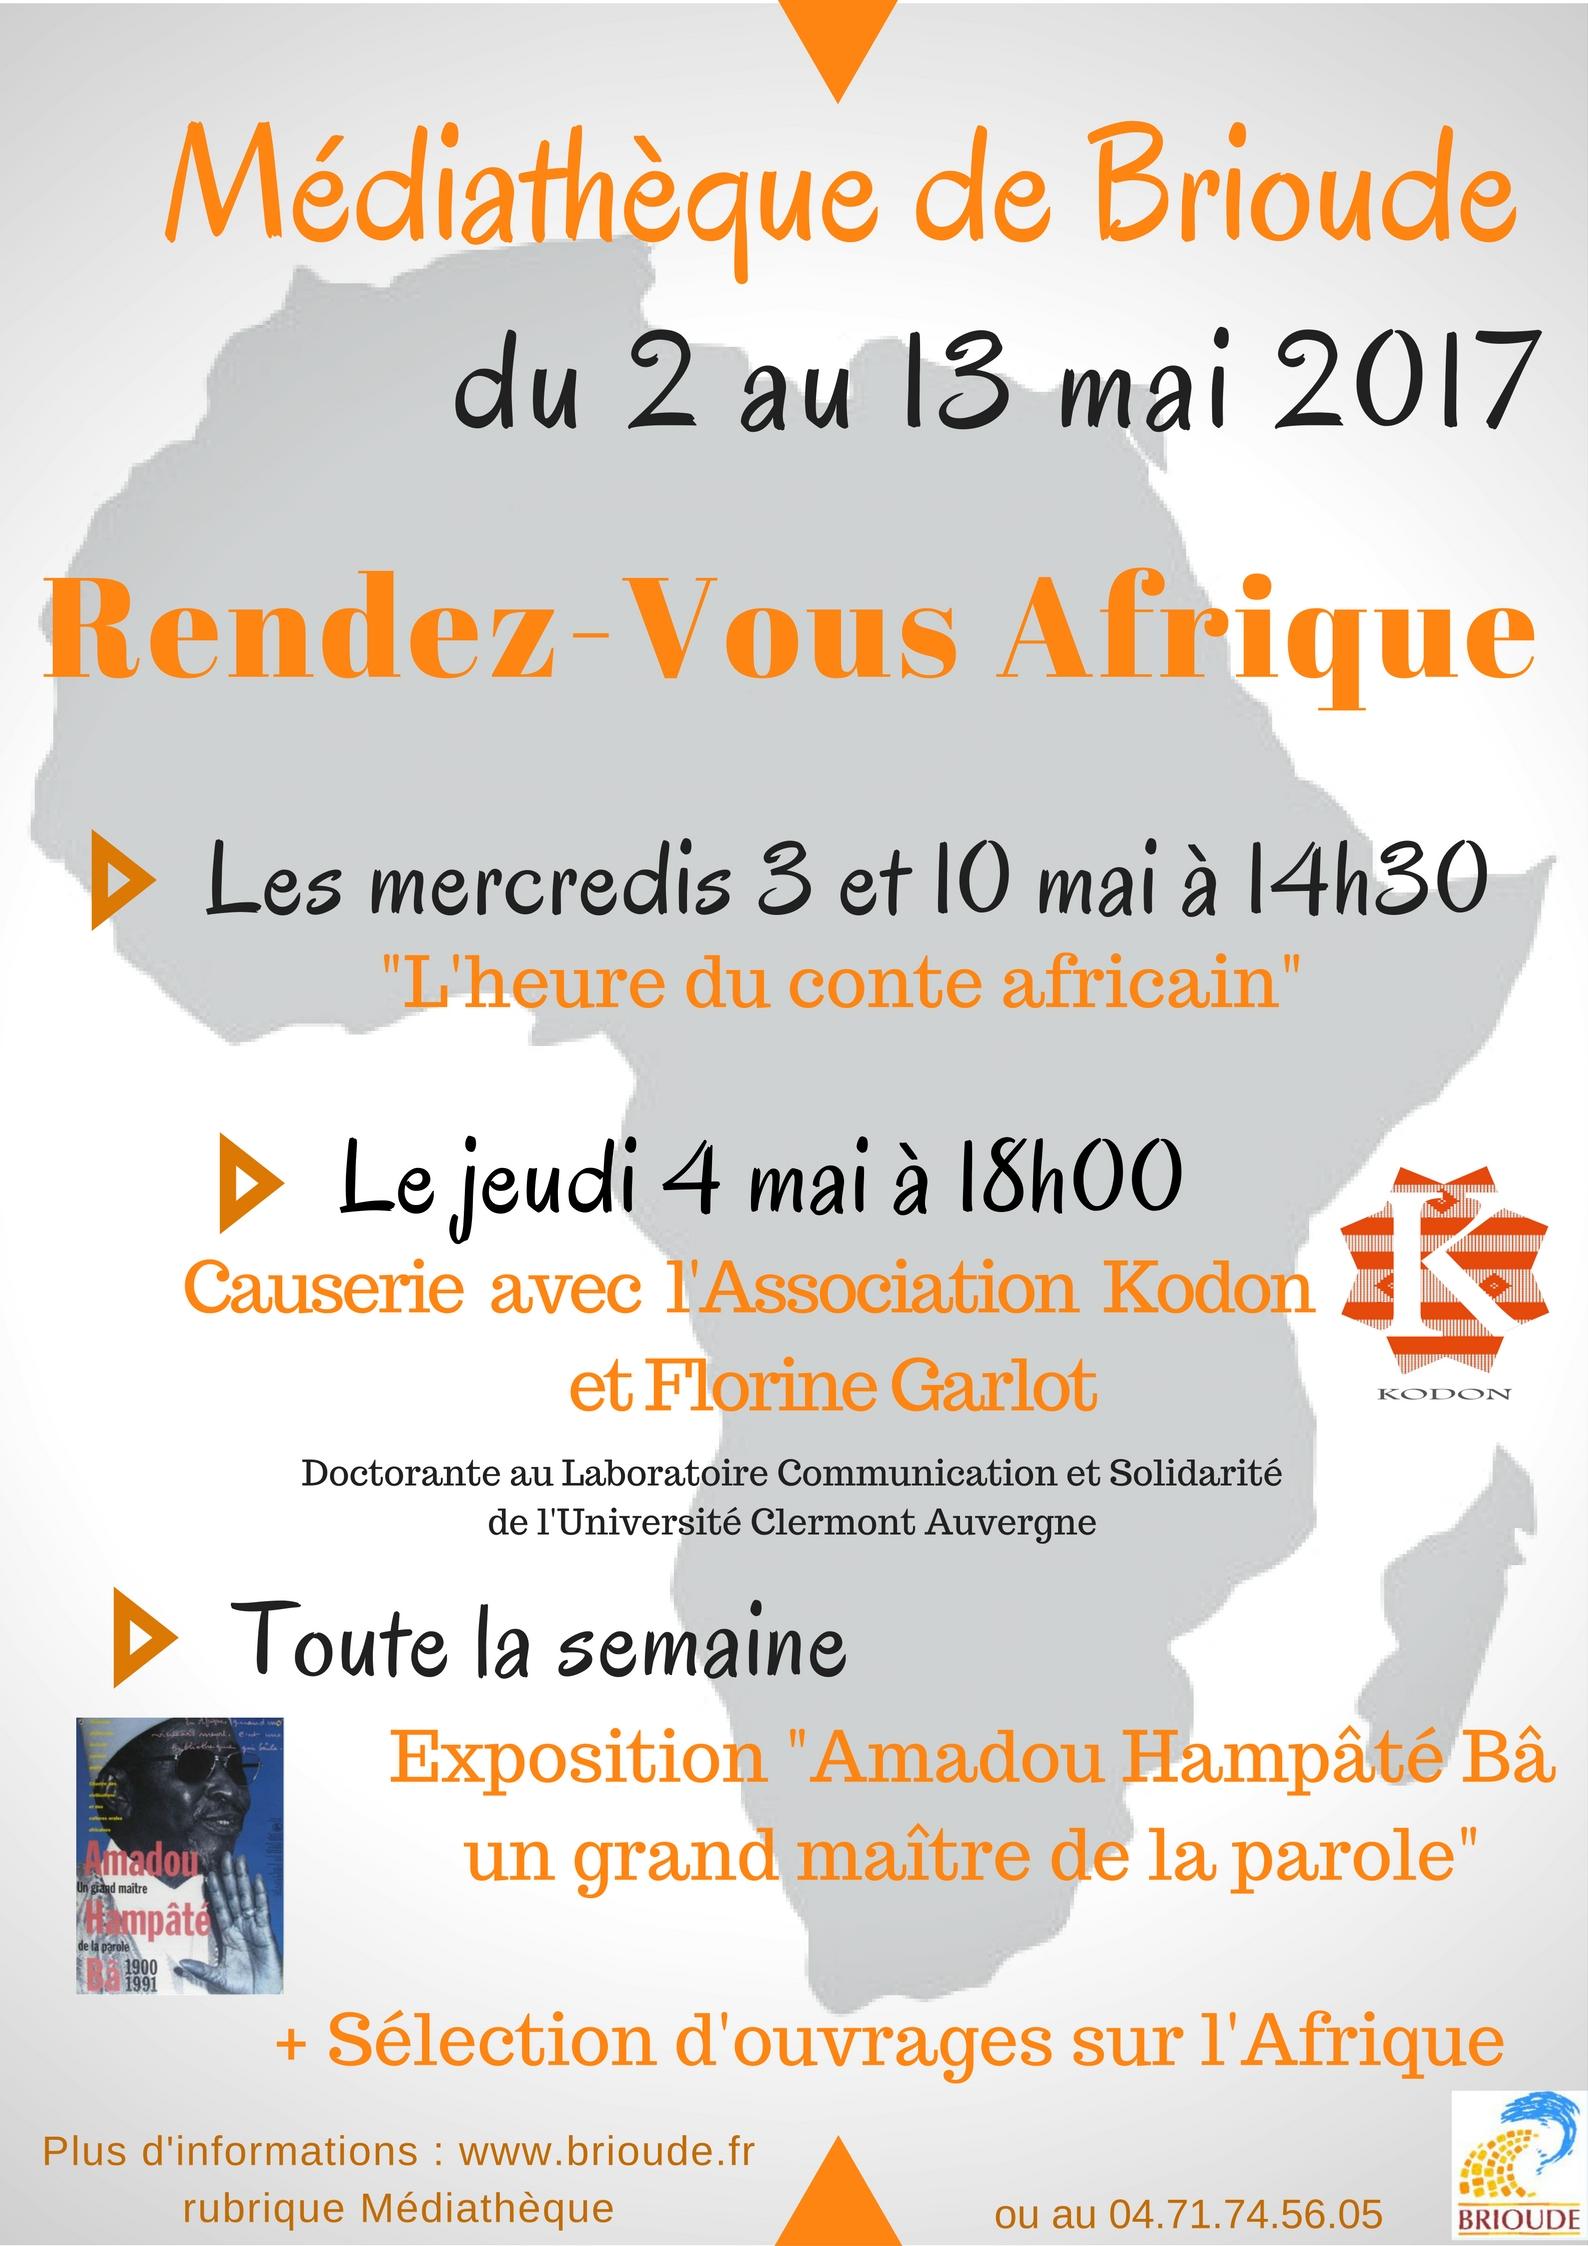 Rendez-Vous Afrique